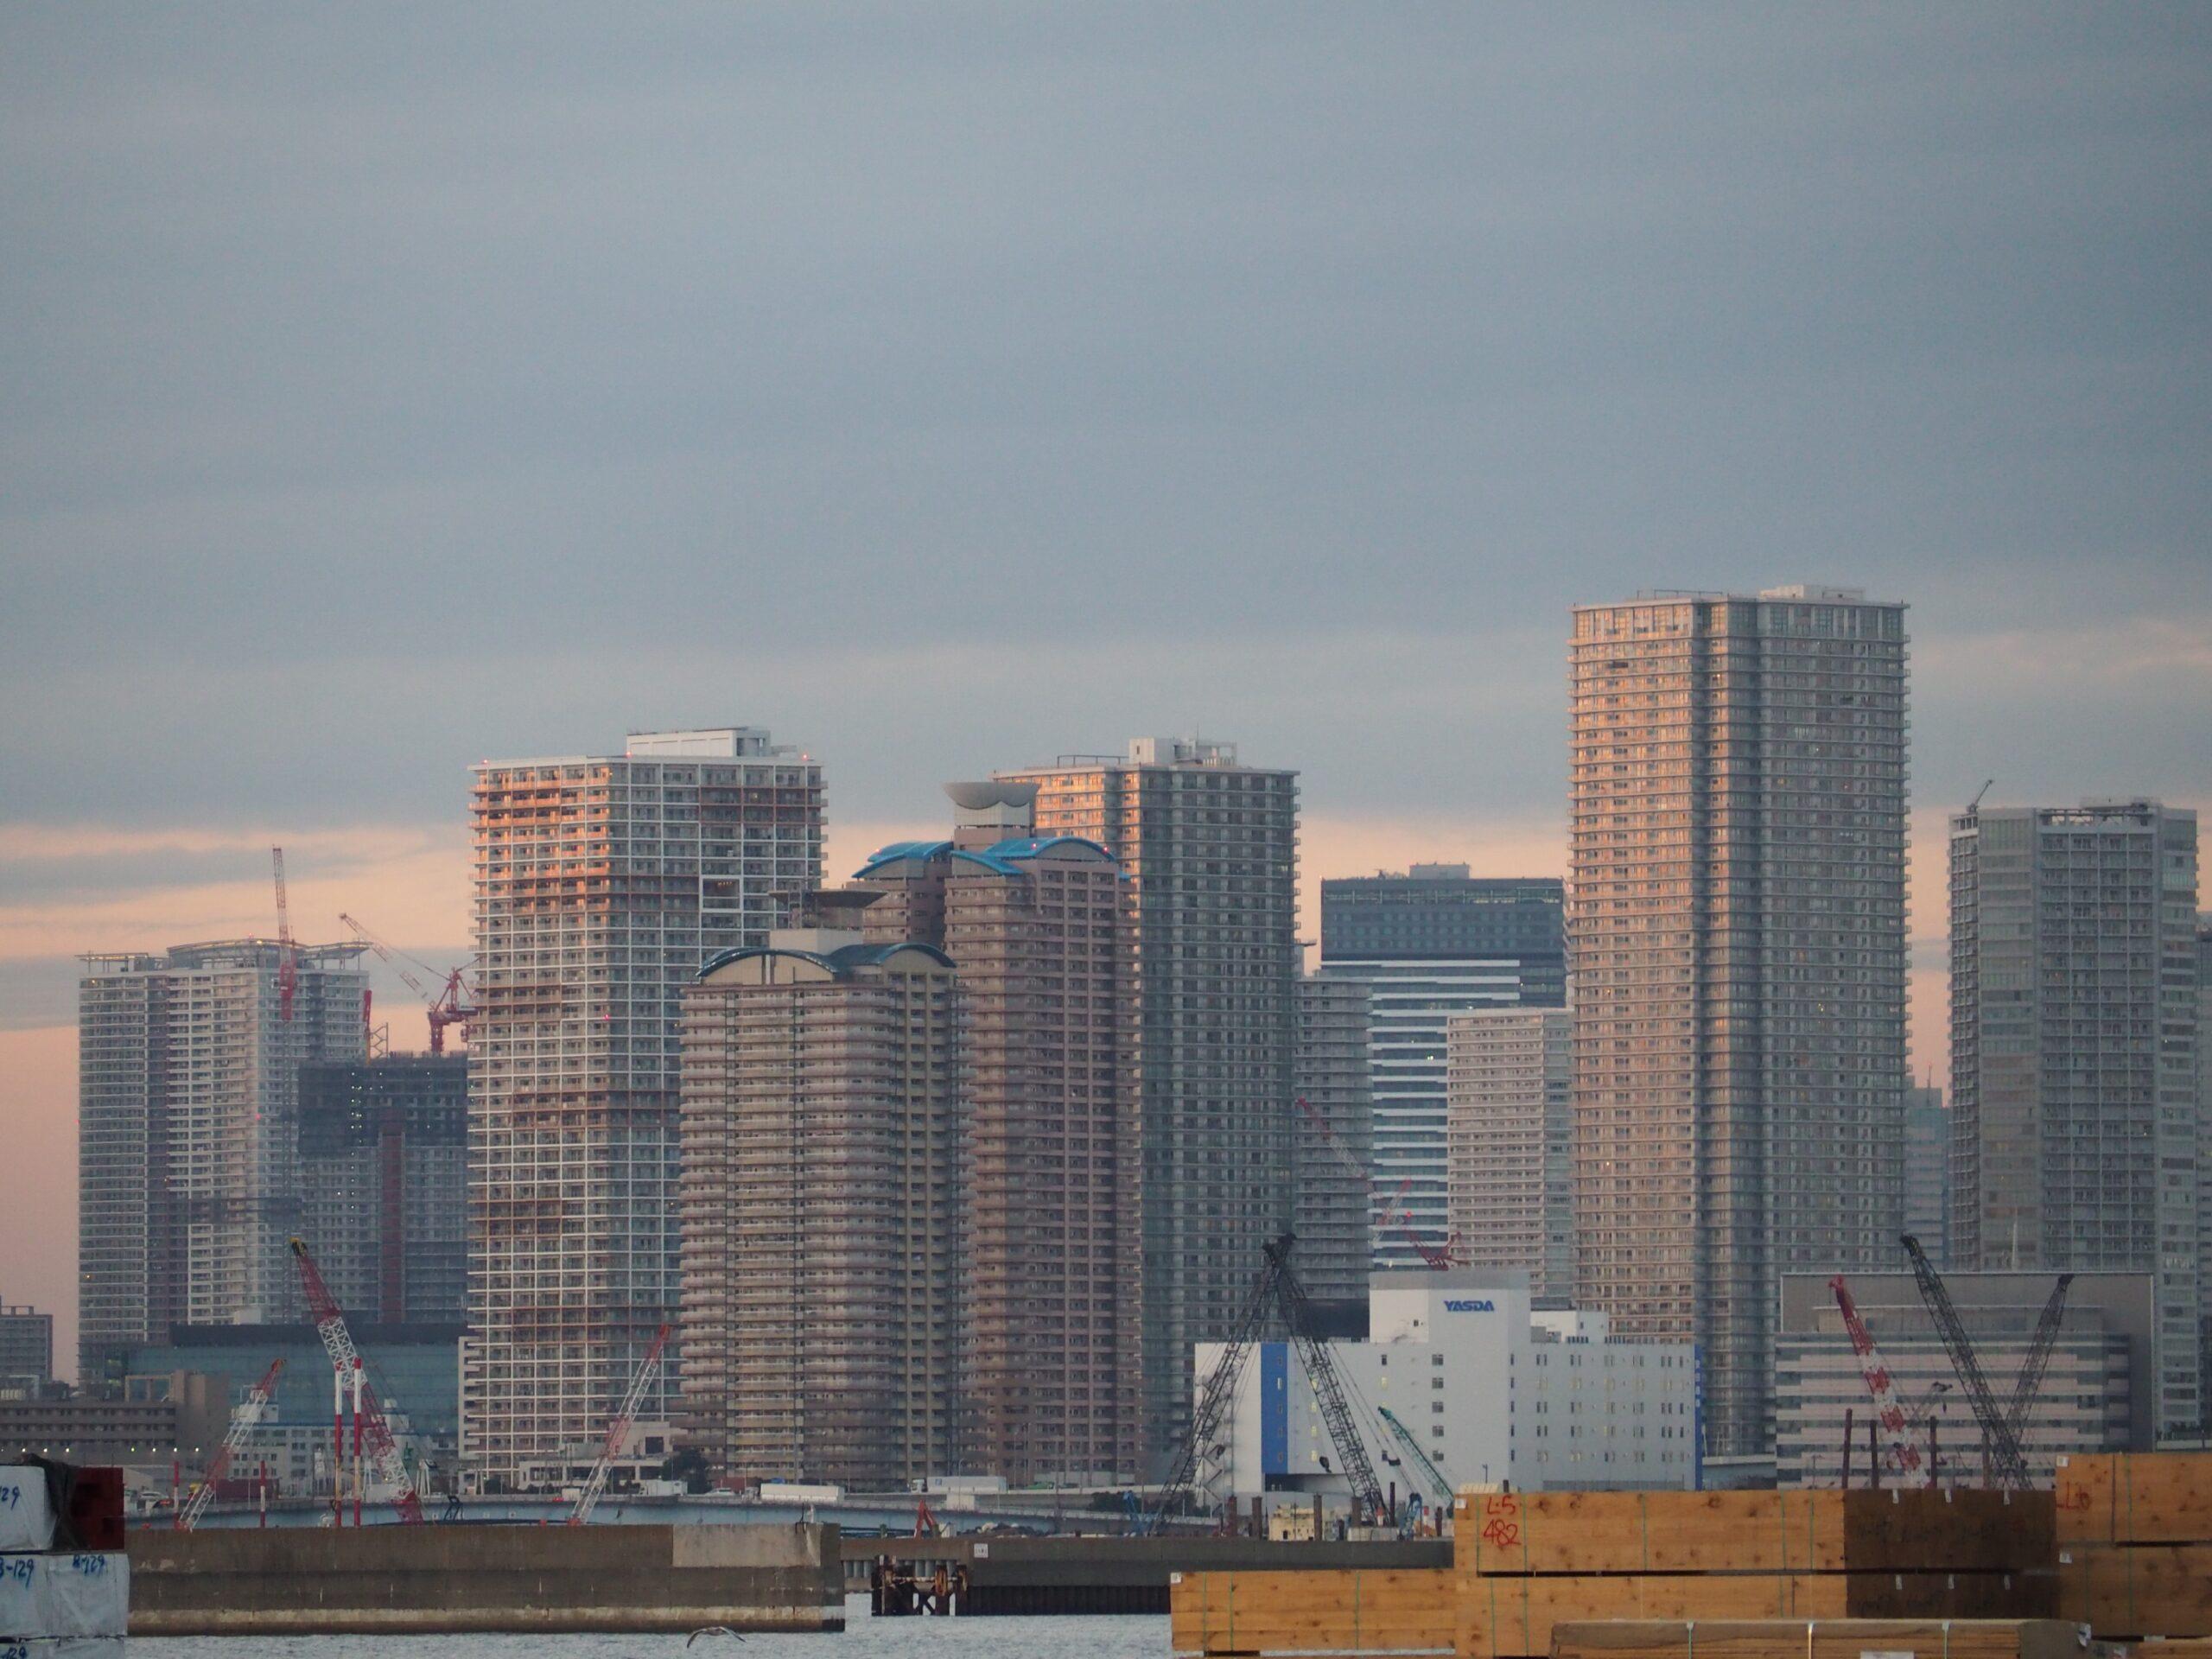 2020年の首都圏マンション発売戸数は、バブル崩壊以来28年ぶりの3万戸割れー12.8%減の2万7228戸に 不動産経済研究所